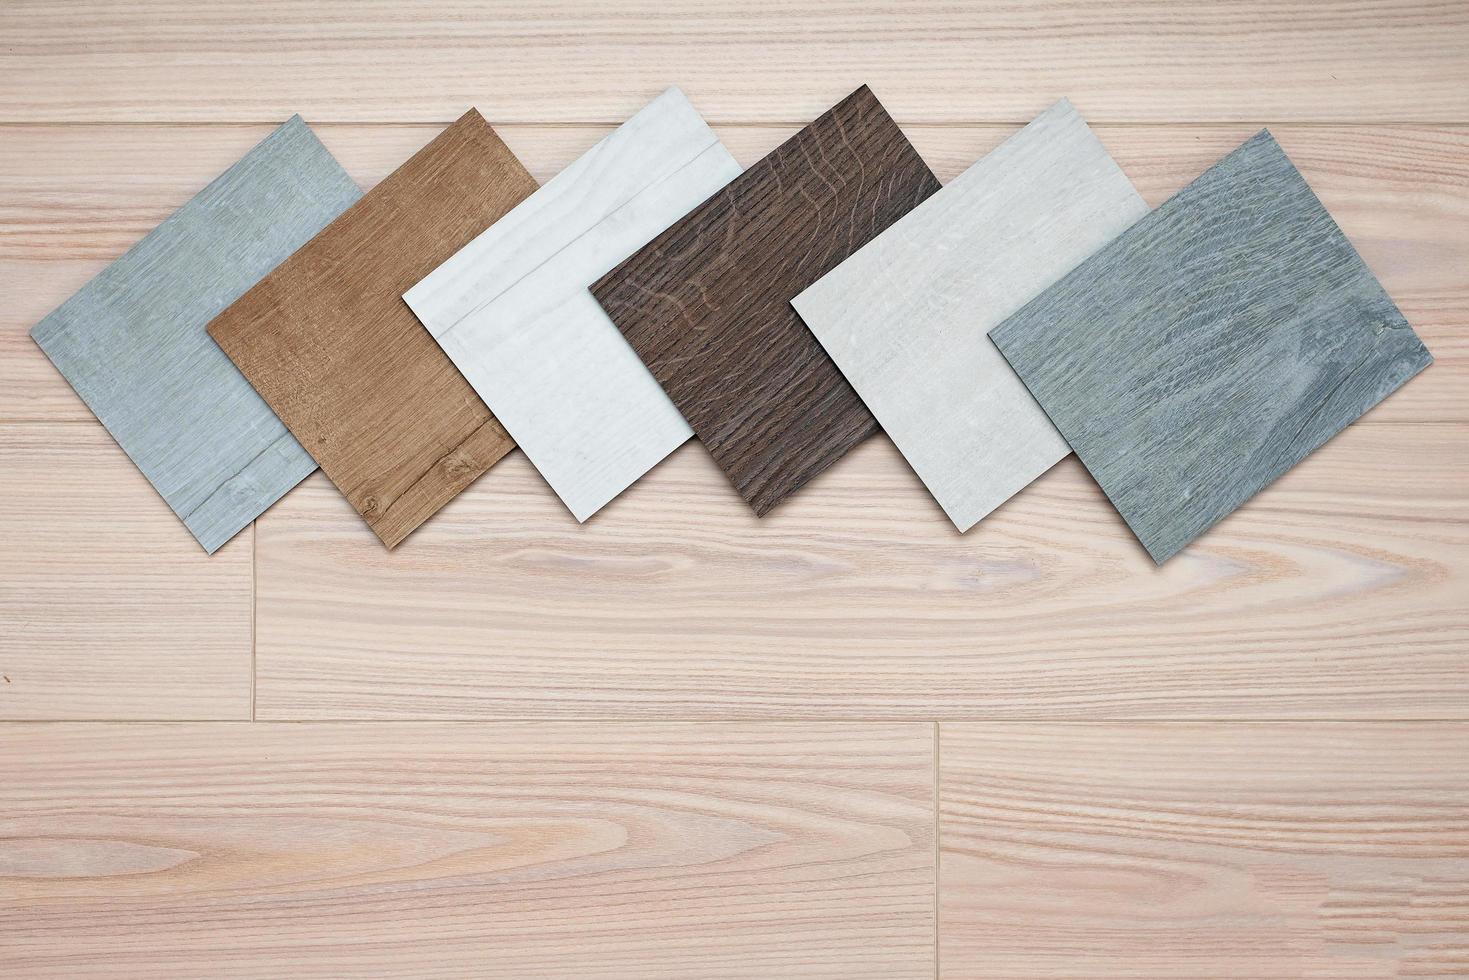 provkatalog av lyxiga vinylgolvplattor med en ny inredning för ett hus eller golv på en ljus träbakgrund. foto